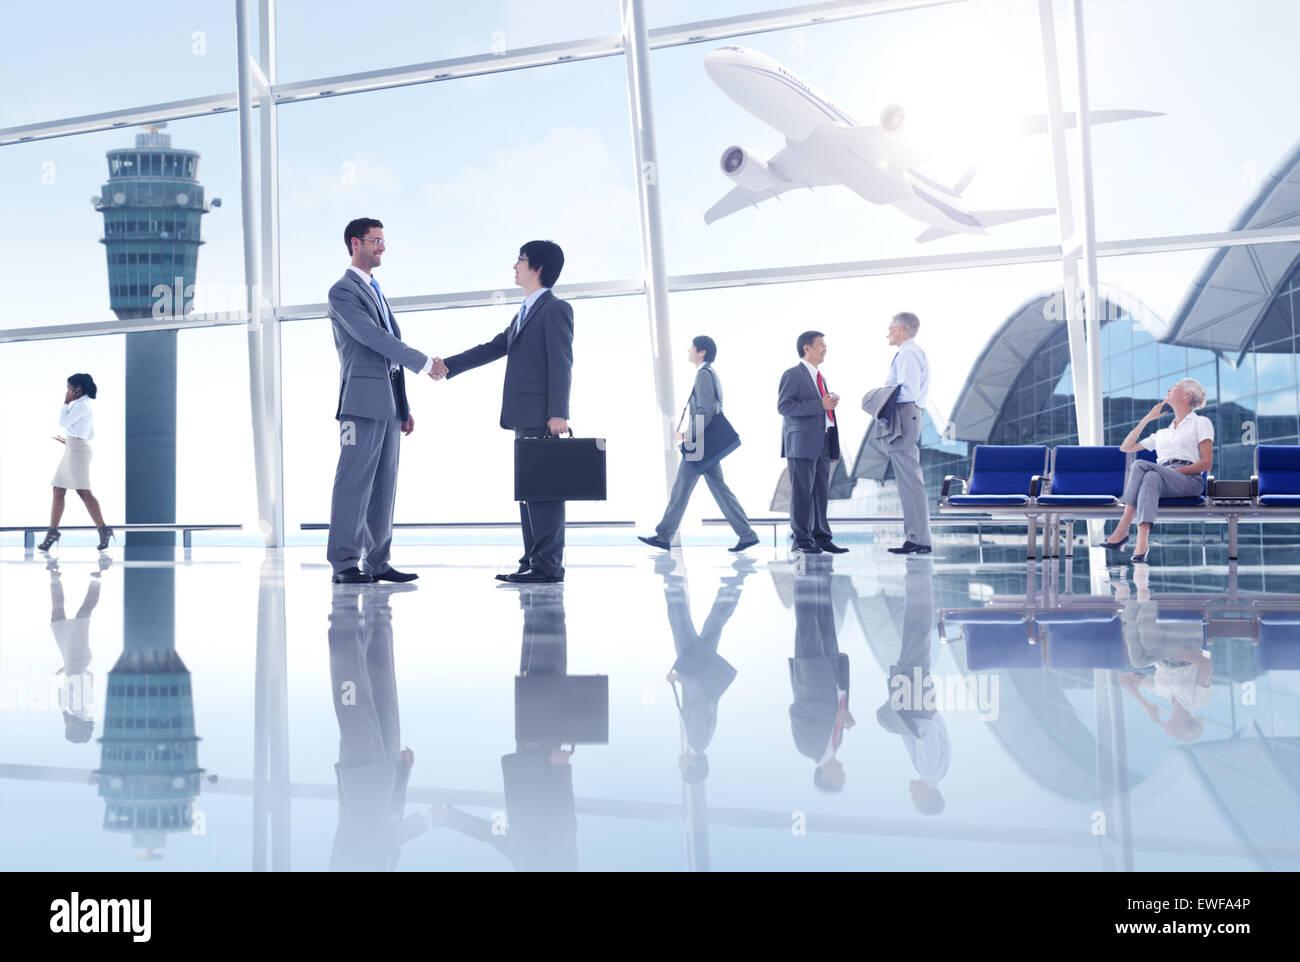 Gruppo di persone in aeroporto Immagini Stock